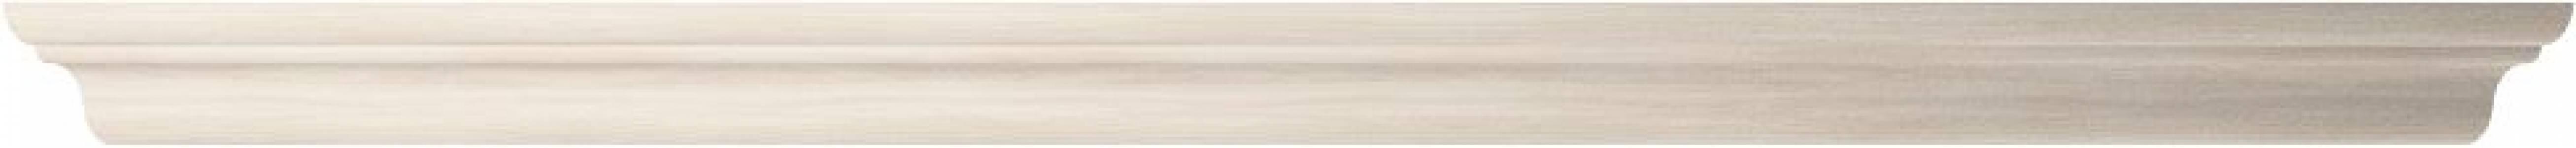 Брайтон №10 Карниз к мод. 03, 04, 12, 13